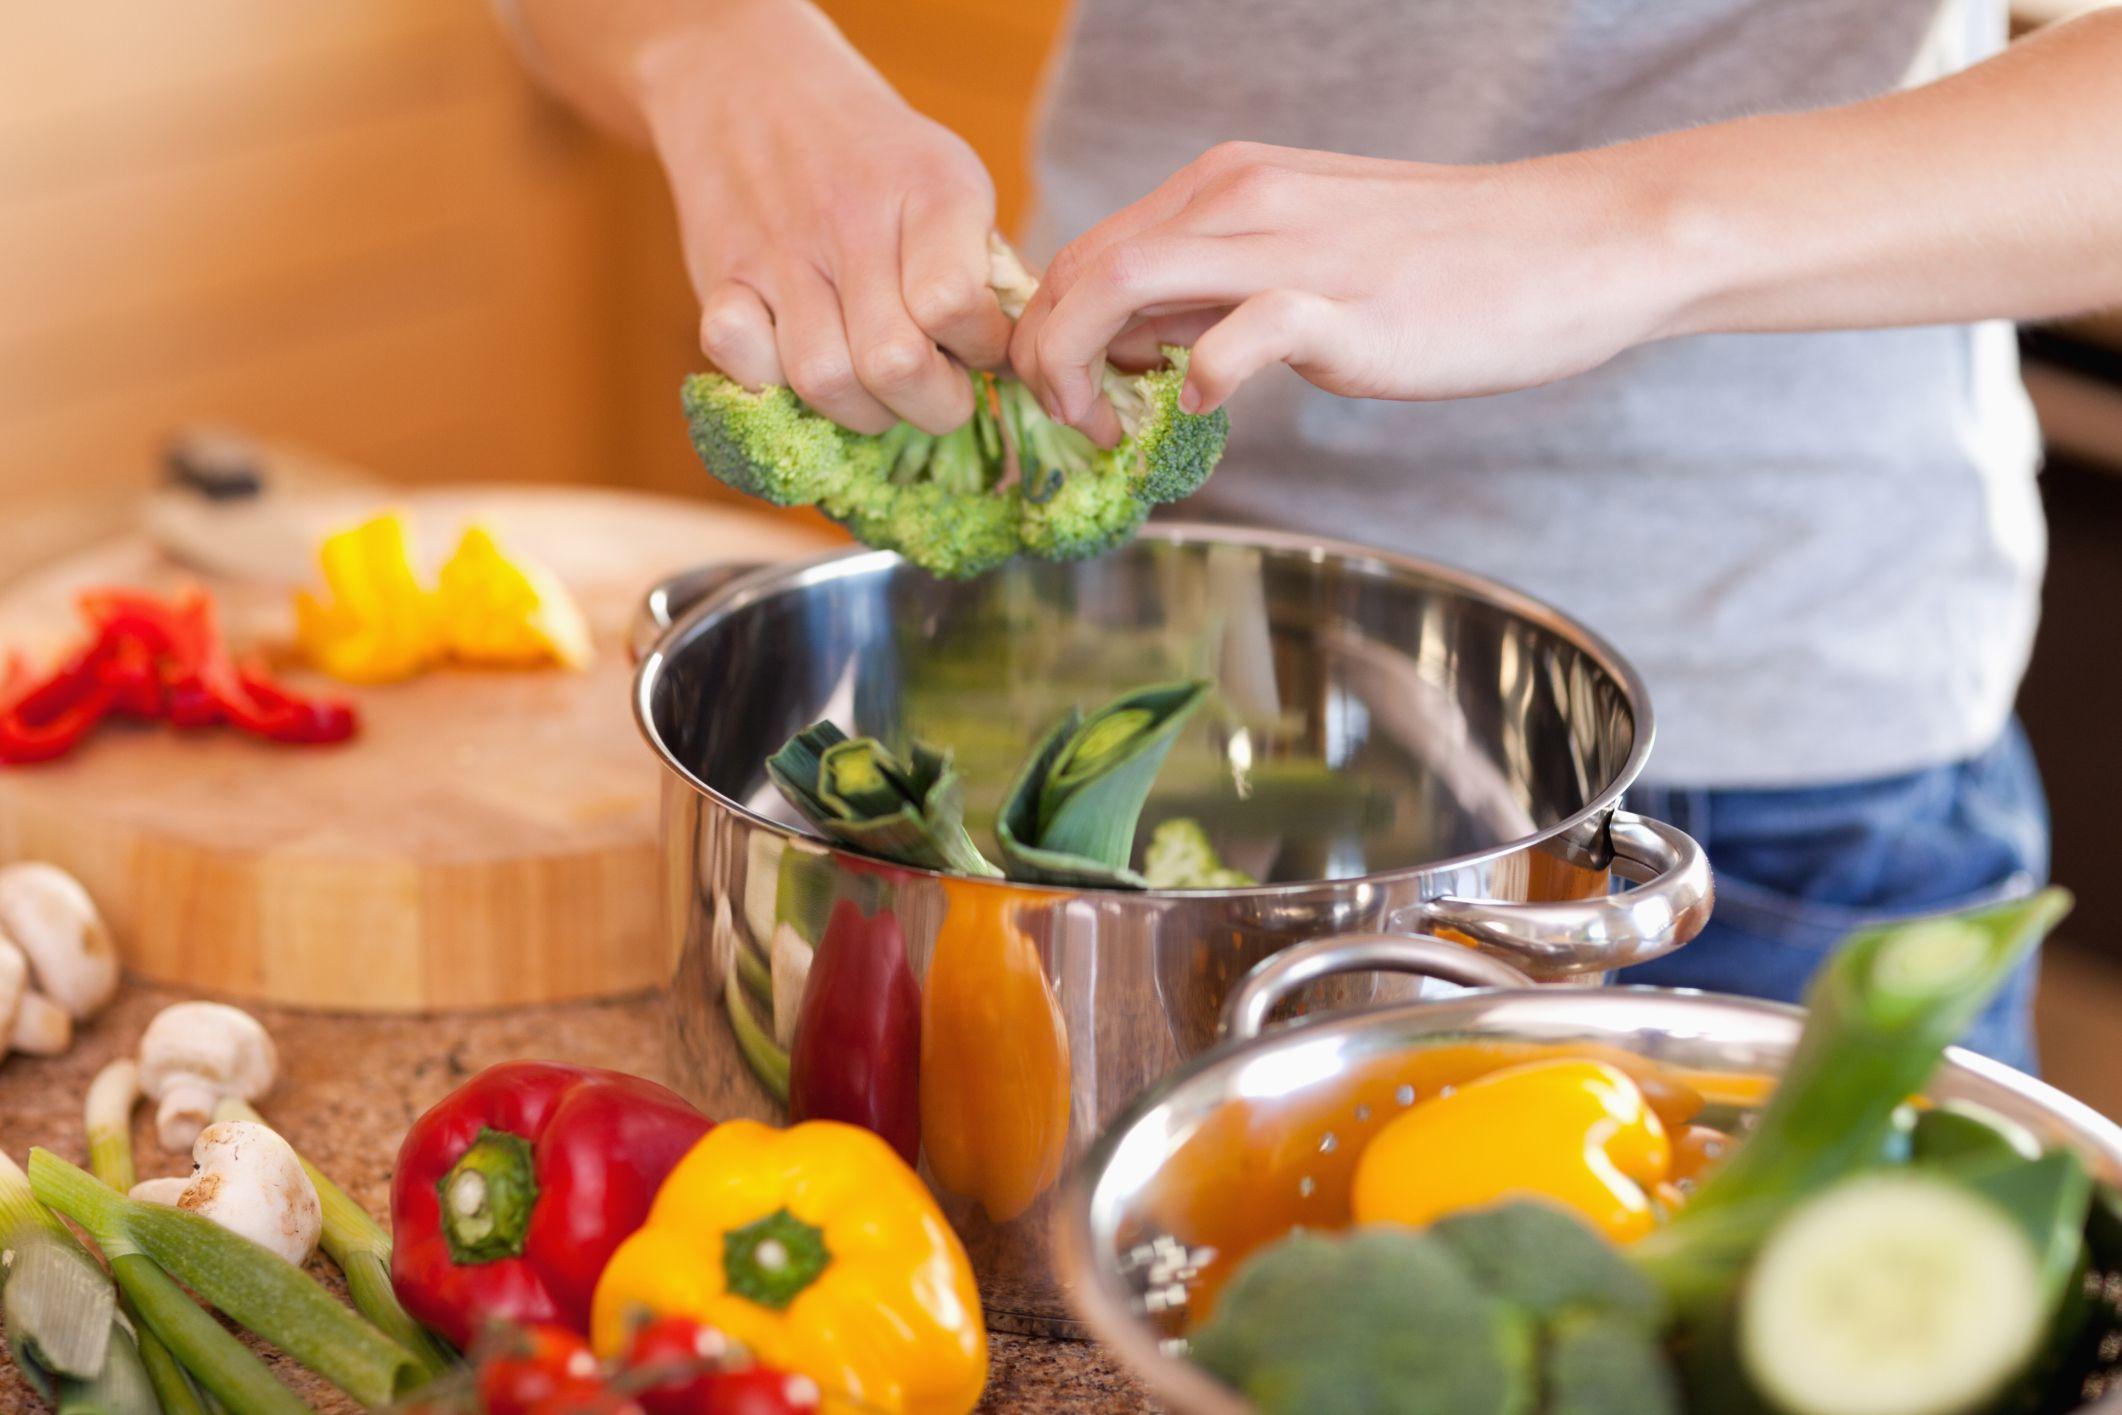 Cum recomandă nutriţioniştii să gătim mâncarea ca să beneficiem de toate proprietăţile nutritive ale alimentelor